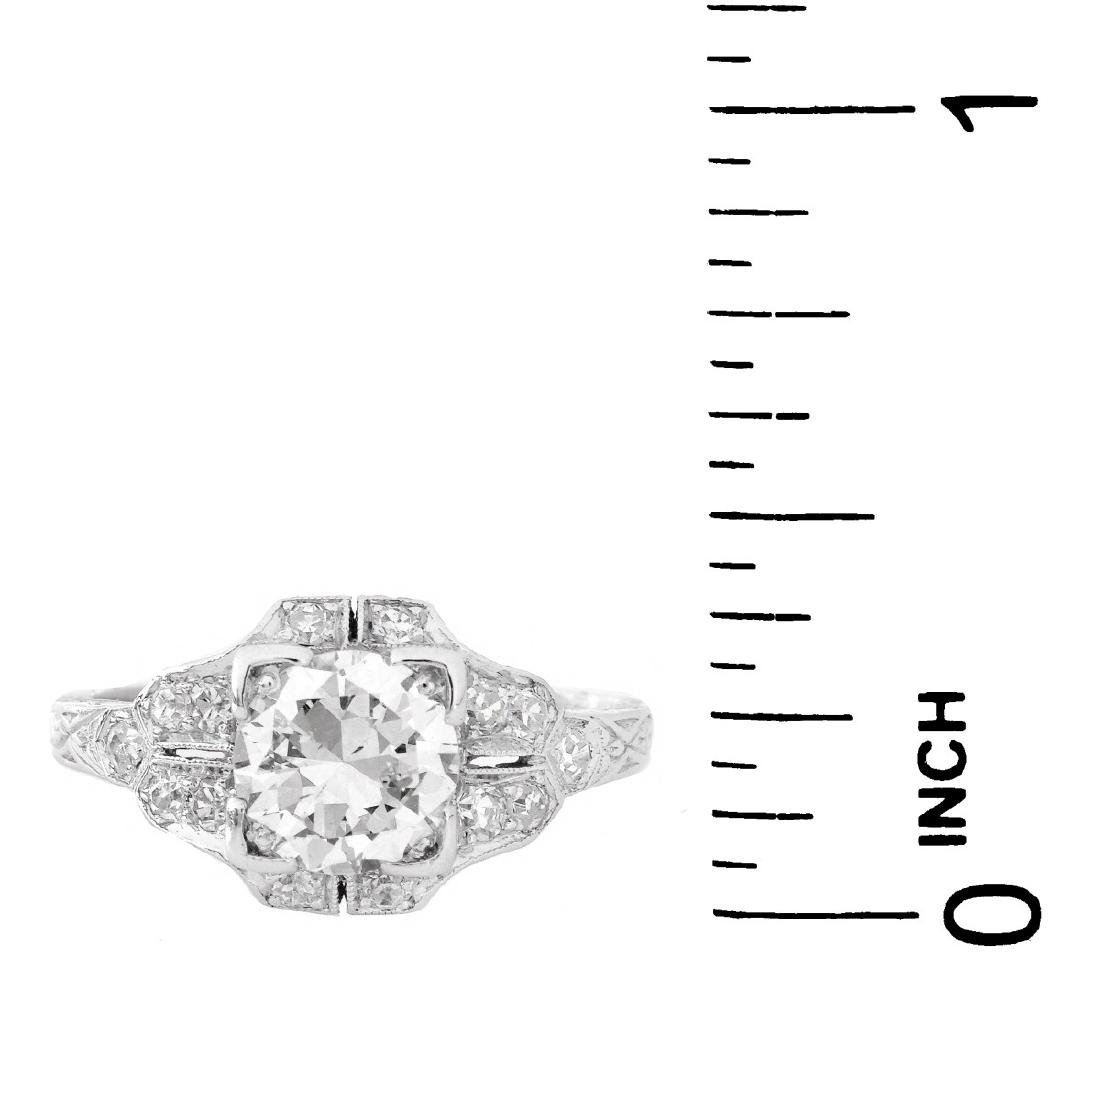 Art Deco 1.30 Carat TW Diamond and Platinum Ring - 5